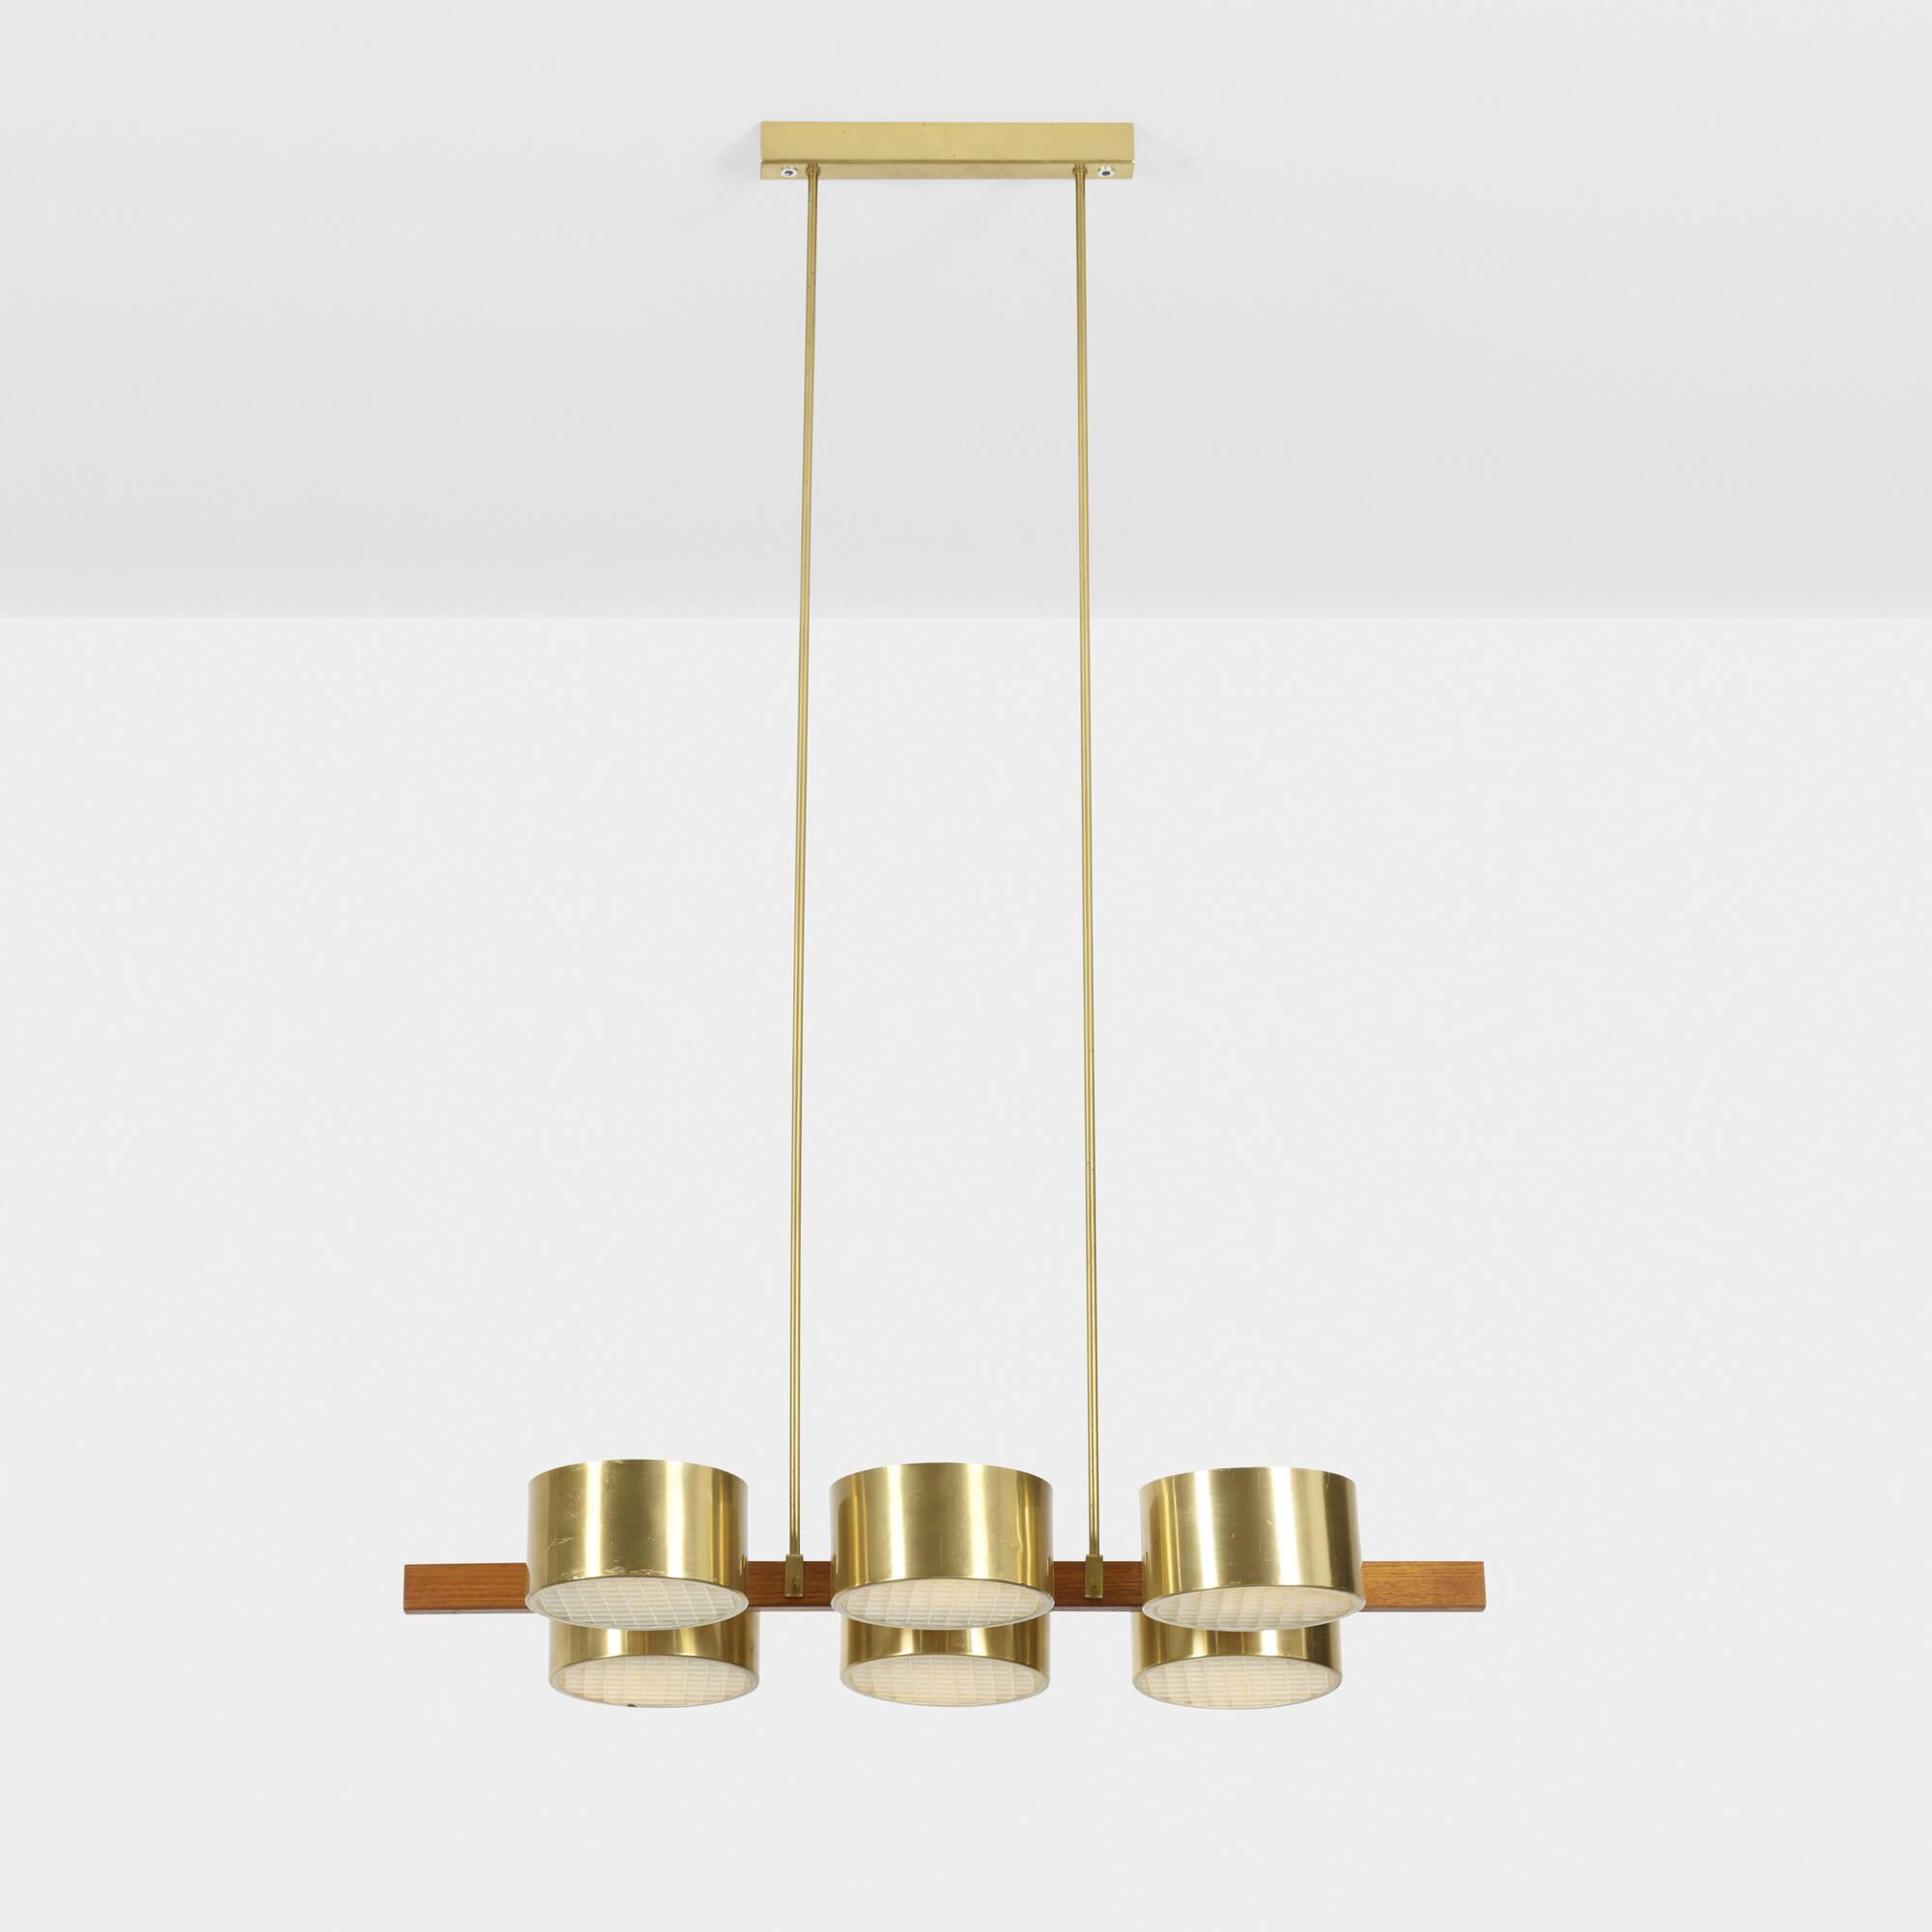 181: Hans-Agne Jakobsson / ceiling lamp (1 of 2)